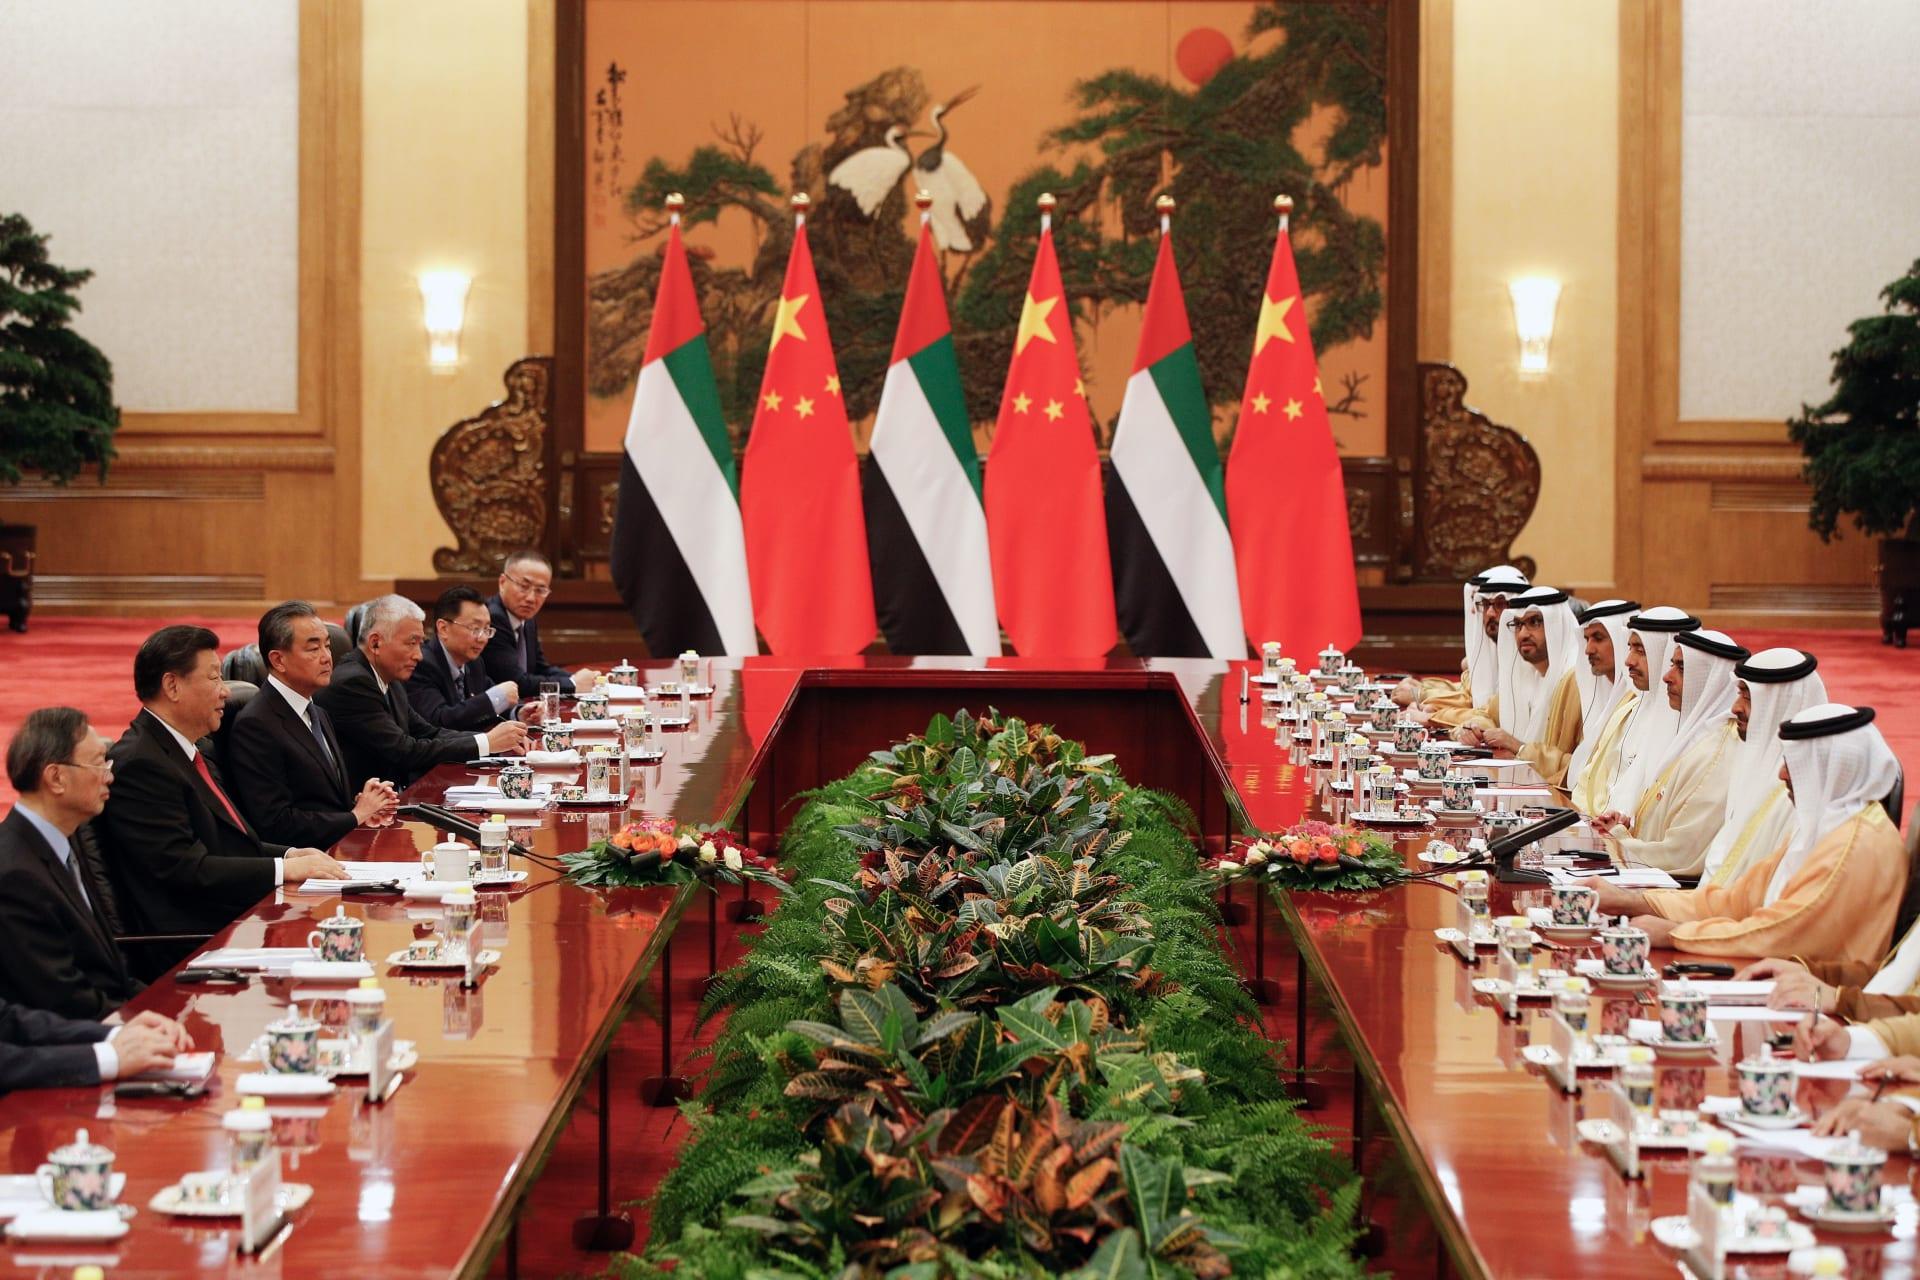 محمد بن زايد يبحث مع وزير خارجية الصين سبل توسيع الشراكة بين البلدين